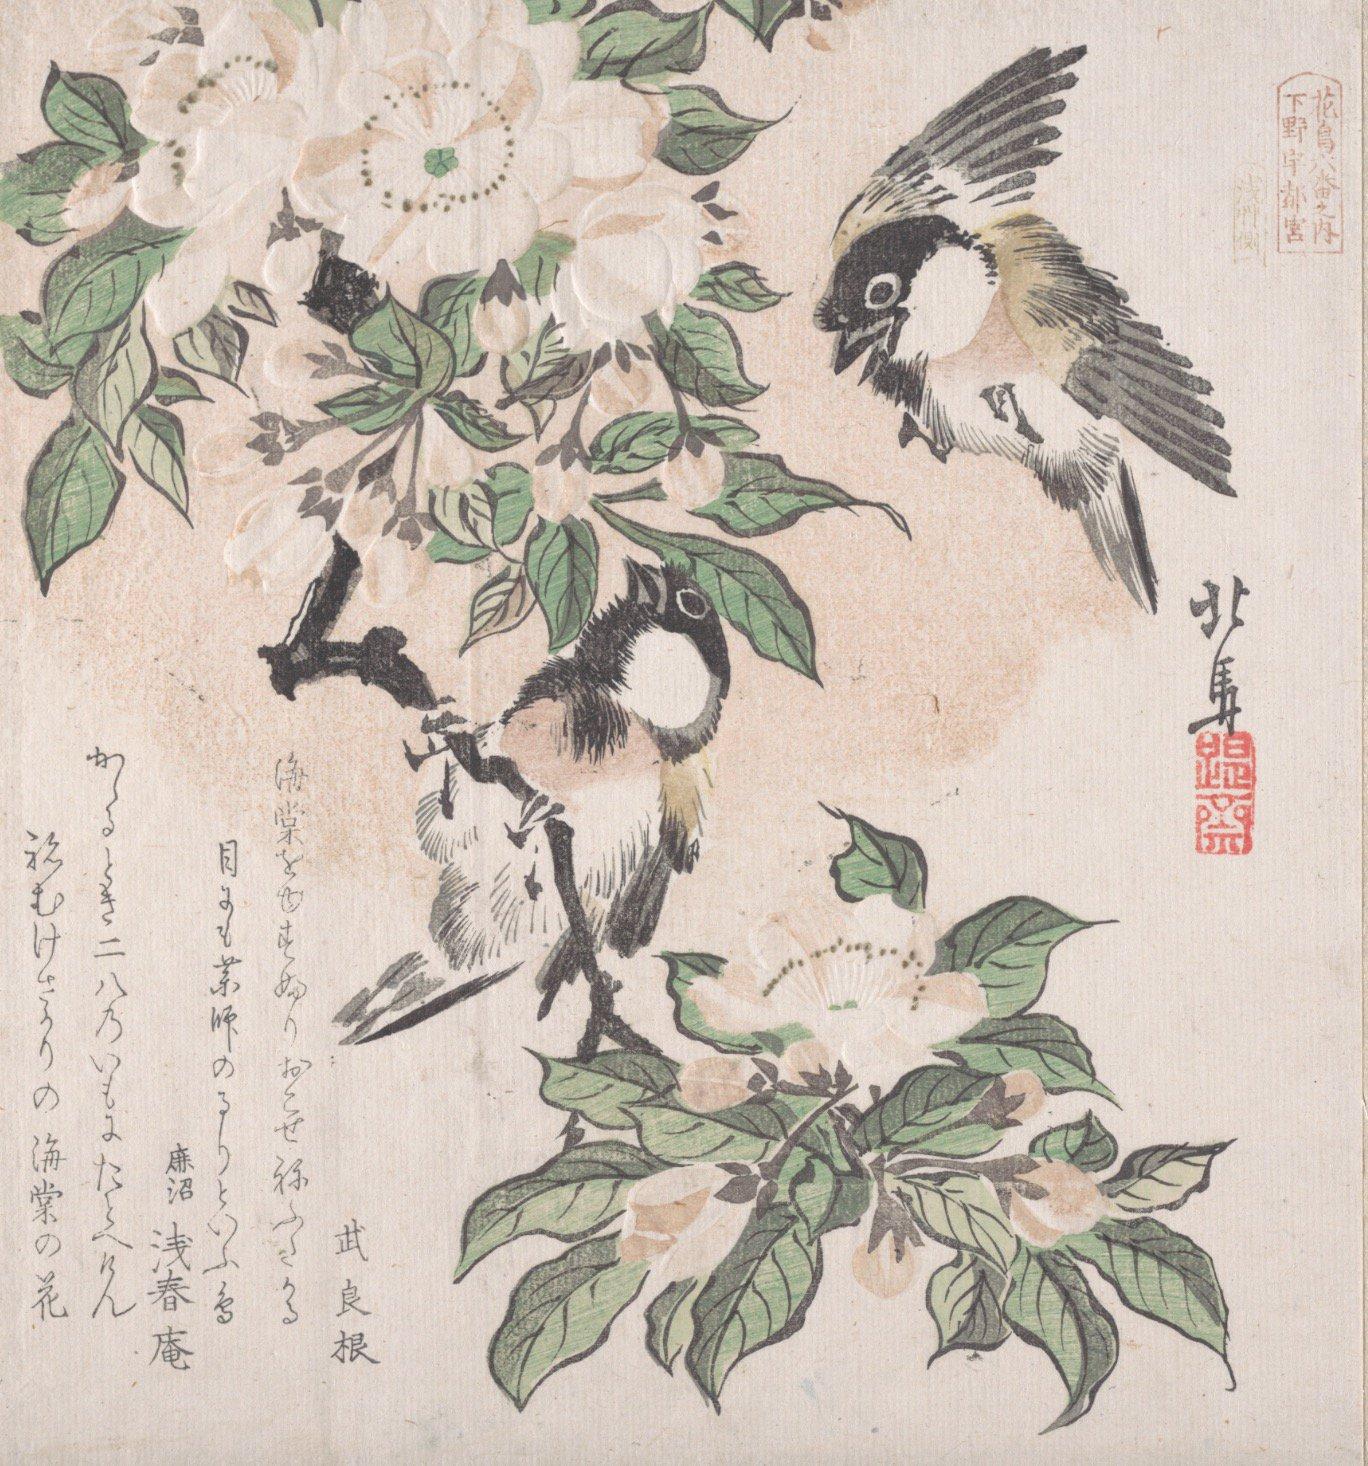 Hosai Hokuma - Marsh-tits and Aronia Flowers / Piţigoi suri și flori de aronia